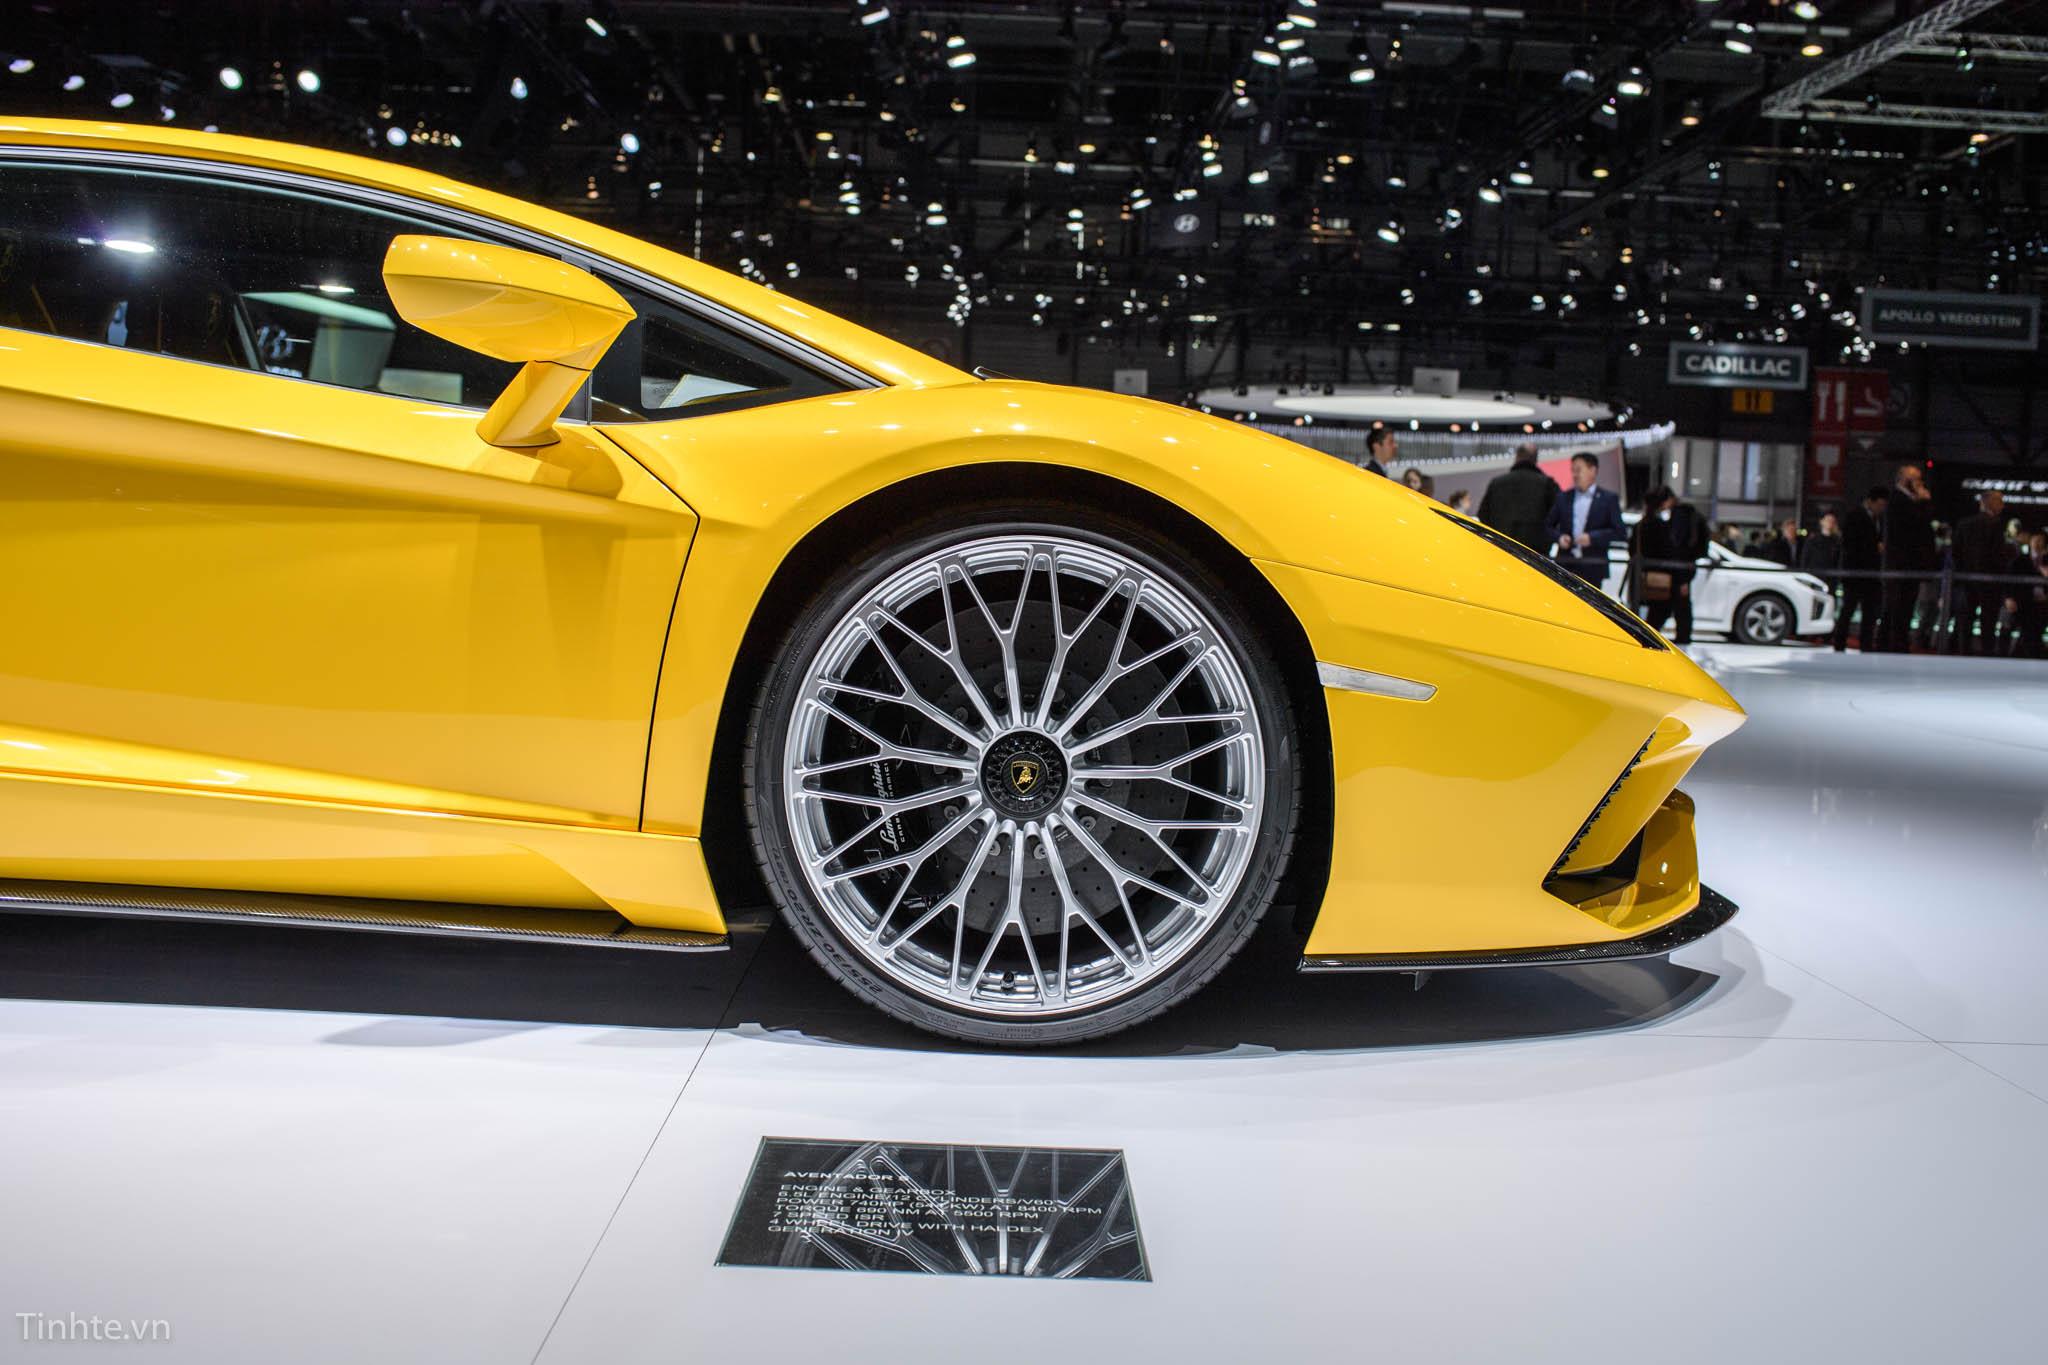 Lamborghini Aventador S - Cho thuê xe miền trung